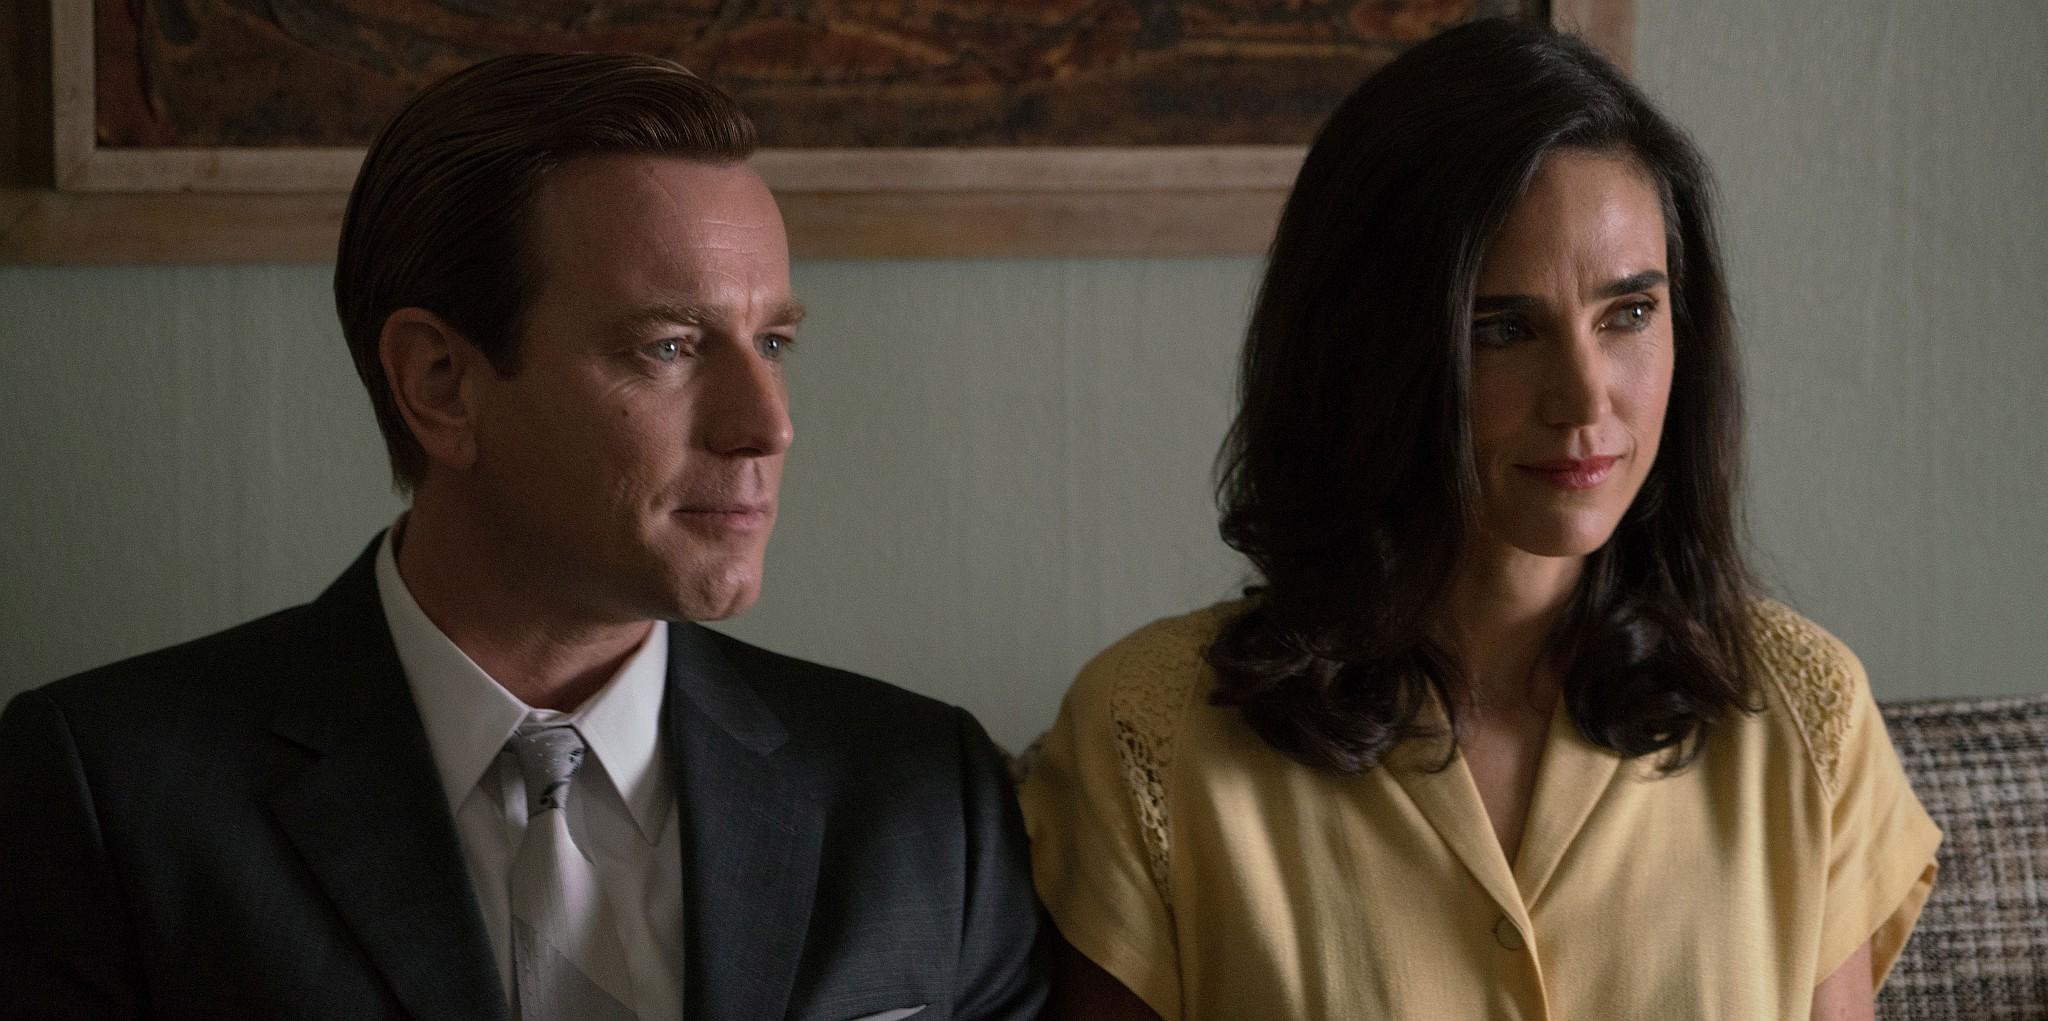 Szwed i jego idealna amerykańska żona. Kadr z filmu